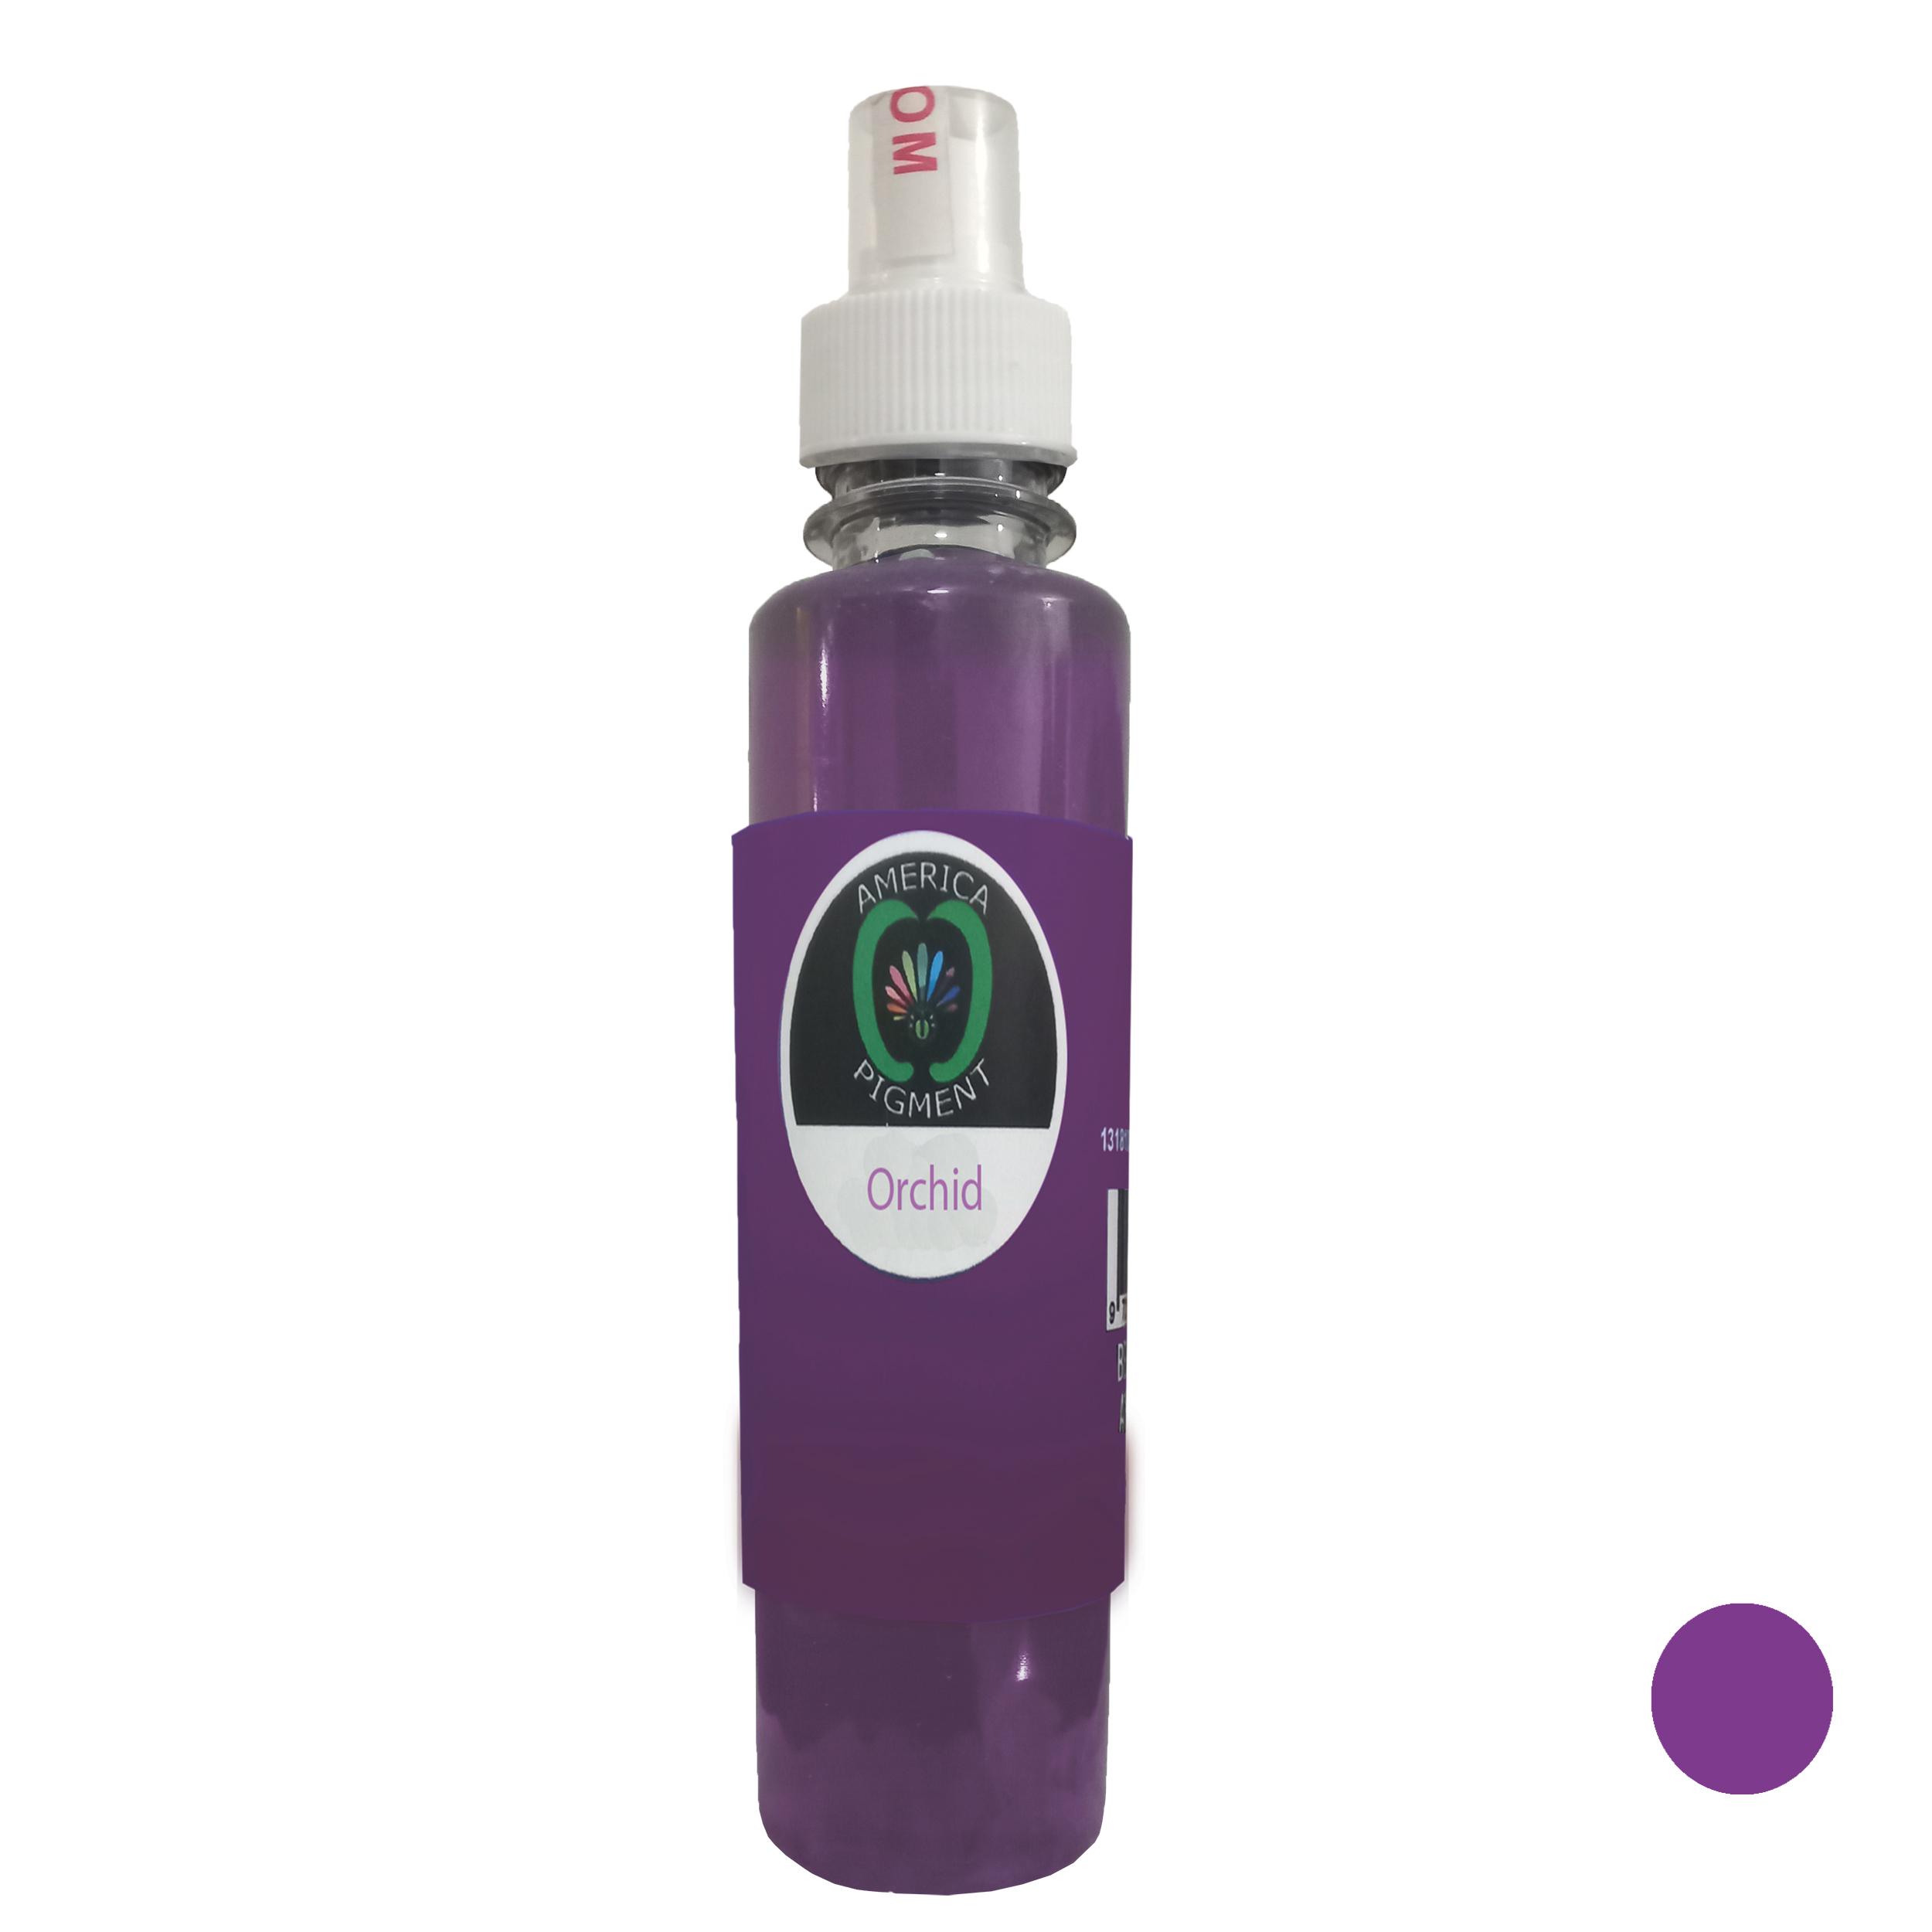 لیکویید رنگ مو آمریکاپیگمنت شماره 002 حجم 250 میلی لیتر رنگ بنفش ارکیده ای